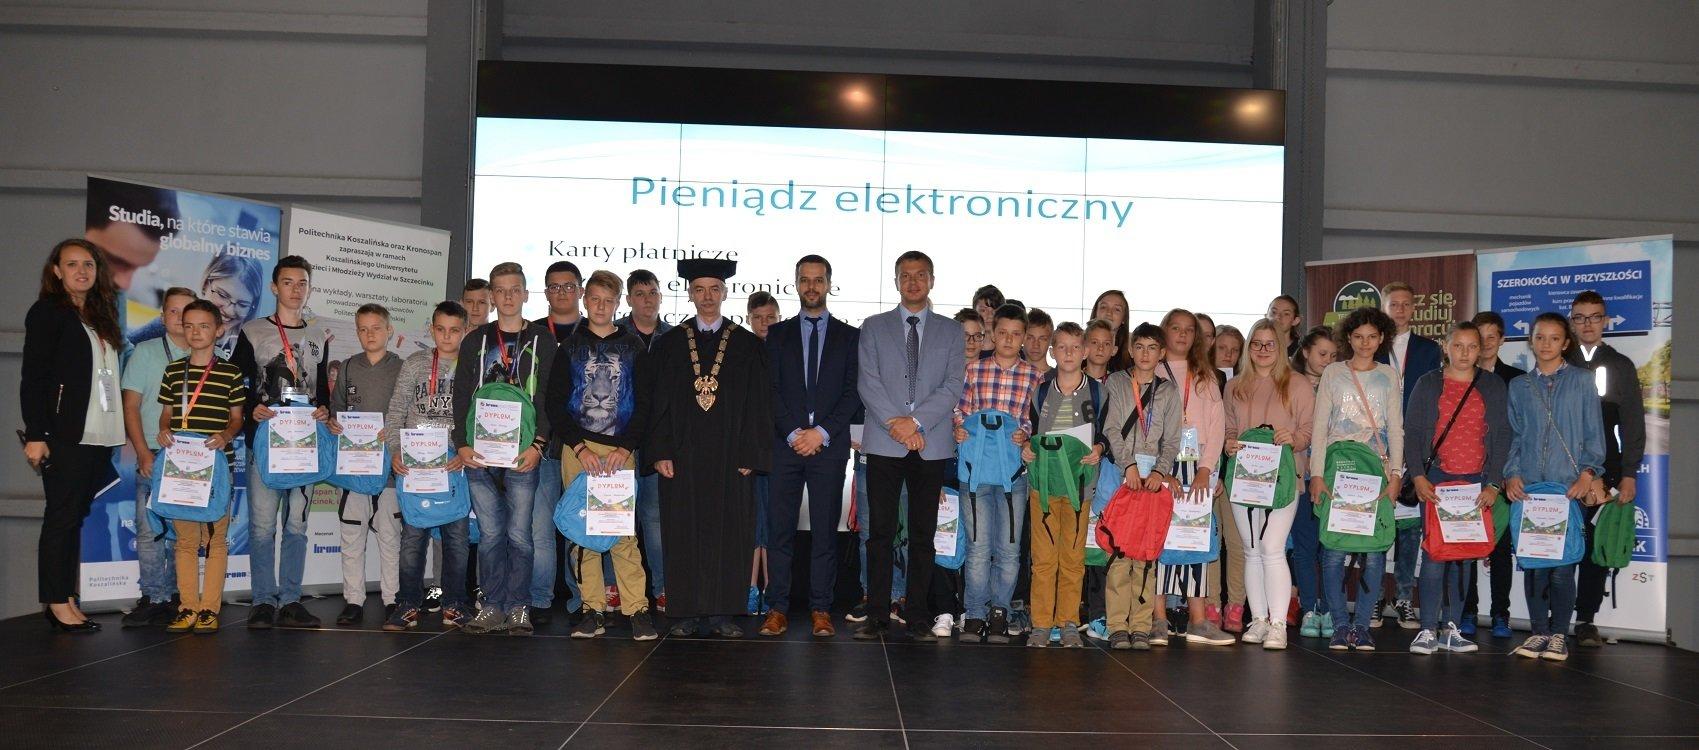 Studenci uniwersytetu dziecięcego odebrali dyplomy